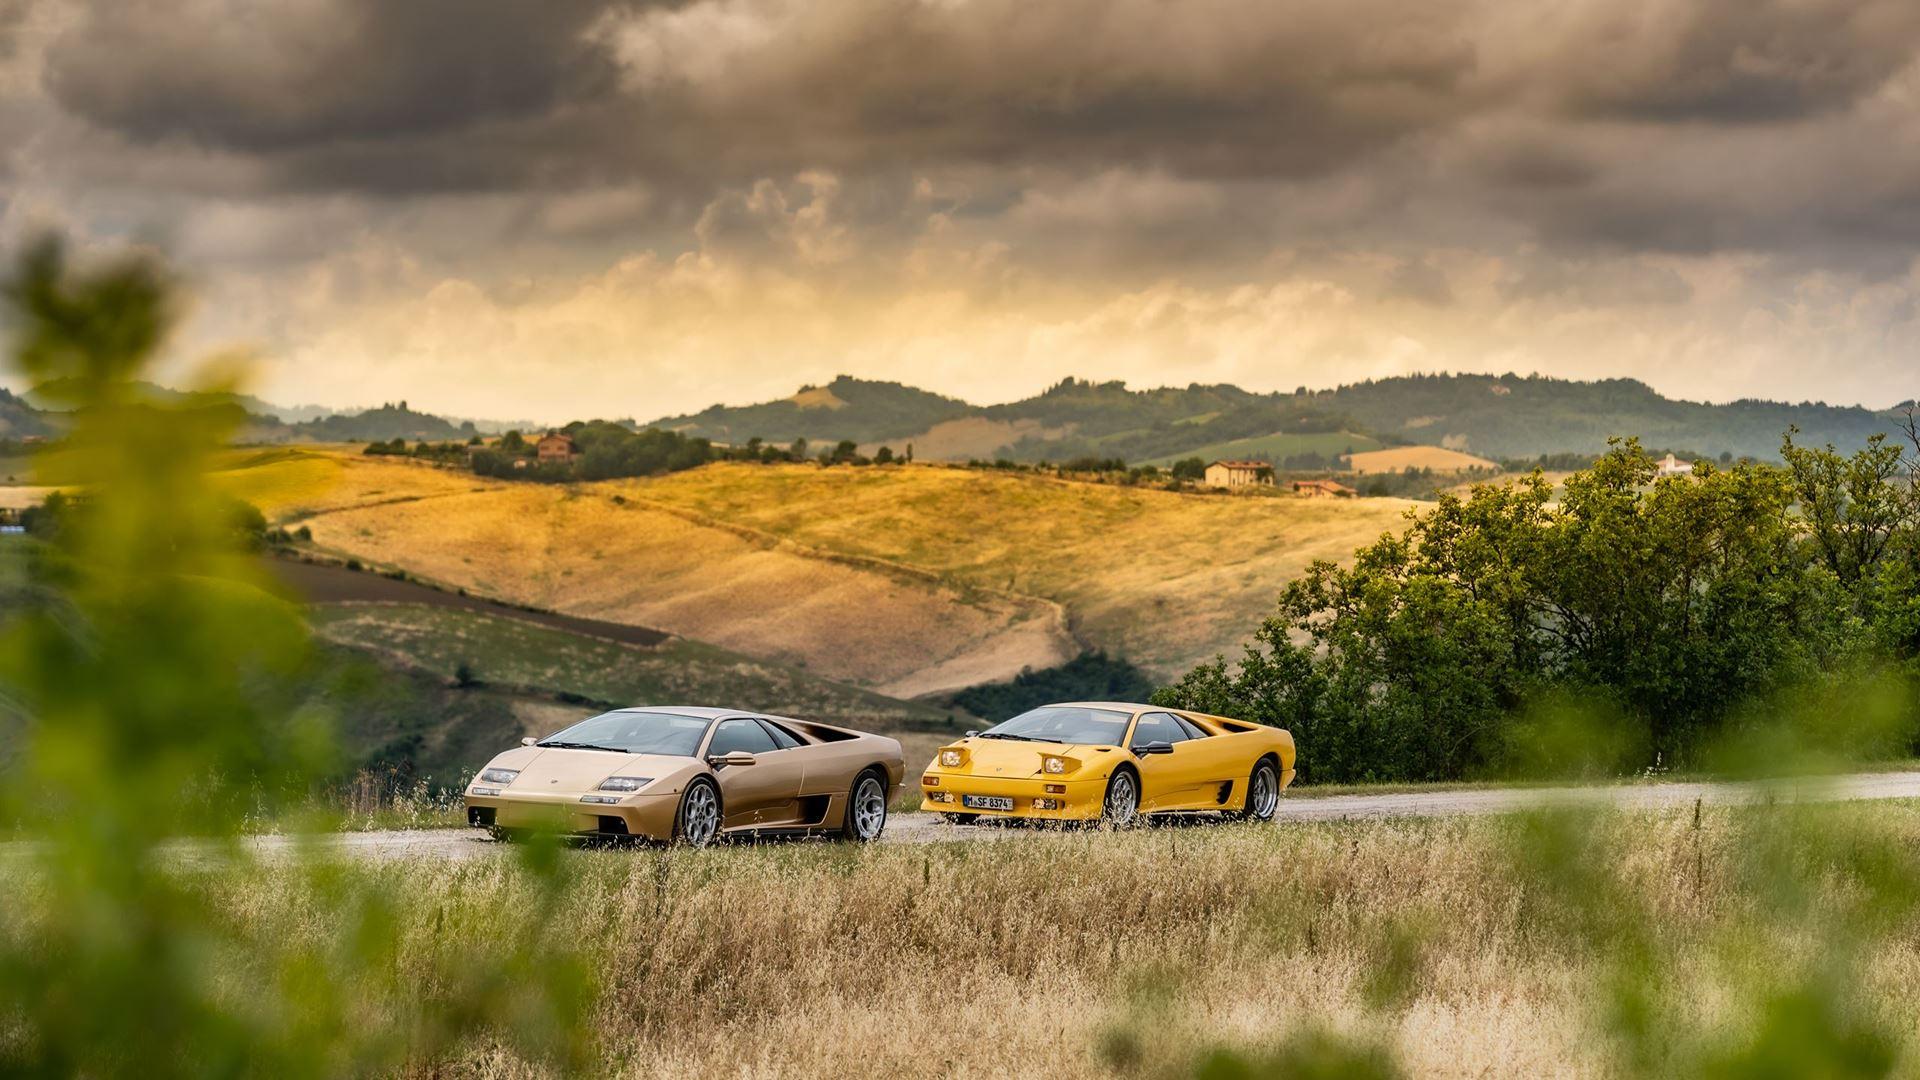 Lamborghini celebrates the 30th Anniversary of the Diablo - Image 6